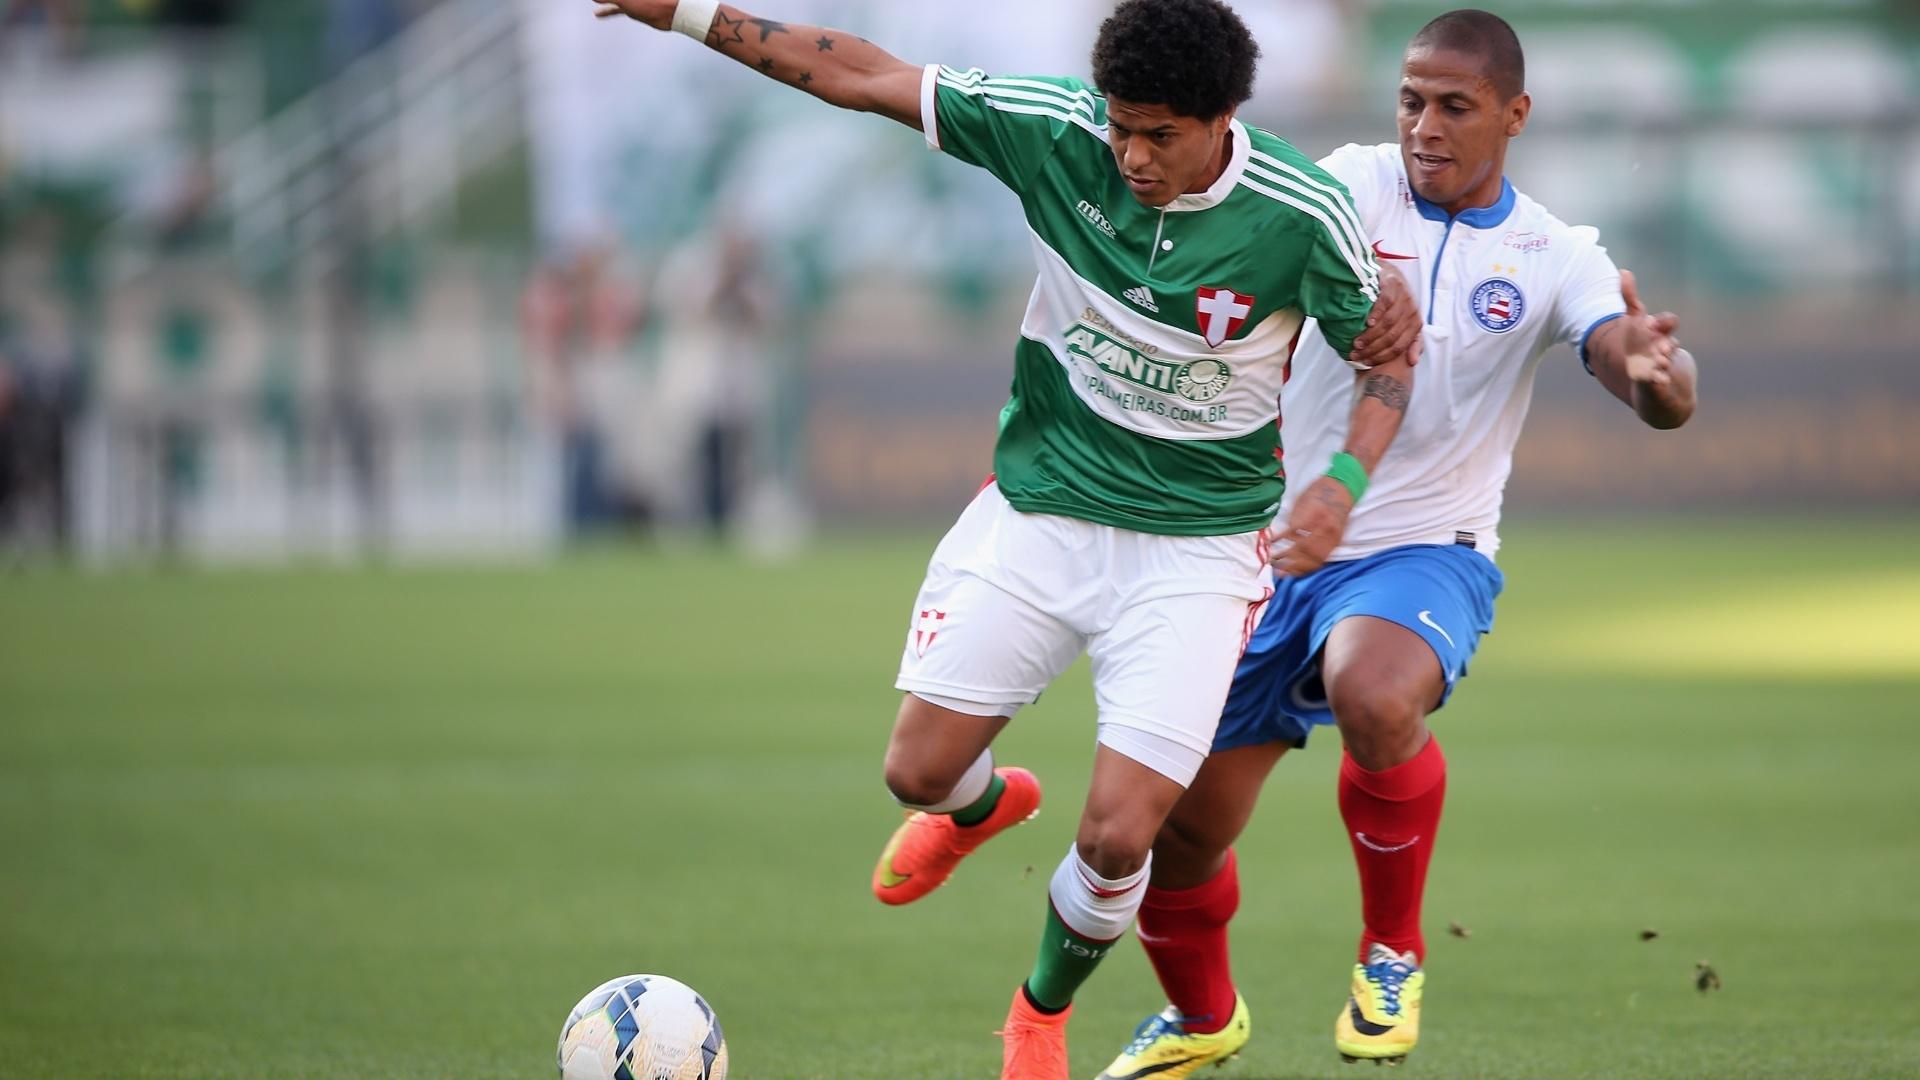 Leandro tenta se livrar da marcação do Bahia no jogo do Palmeiras